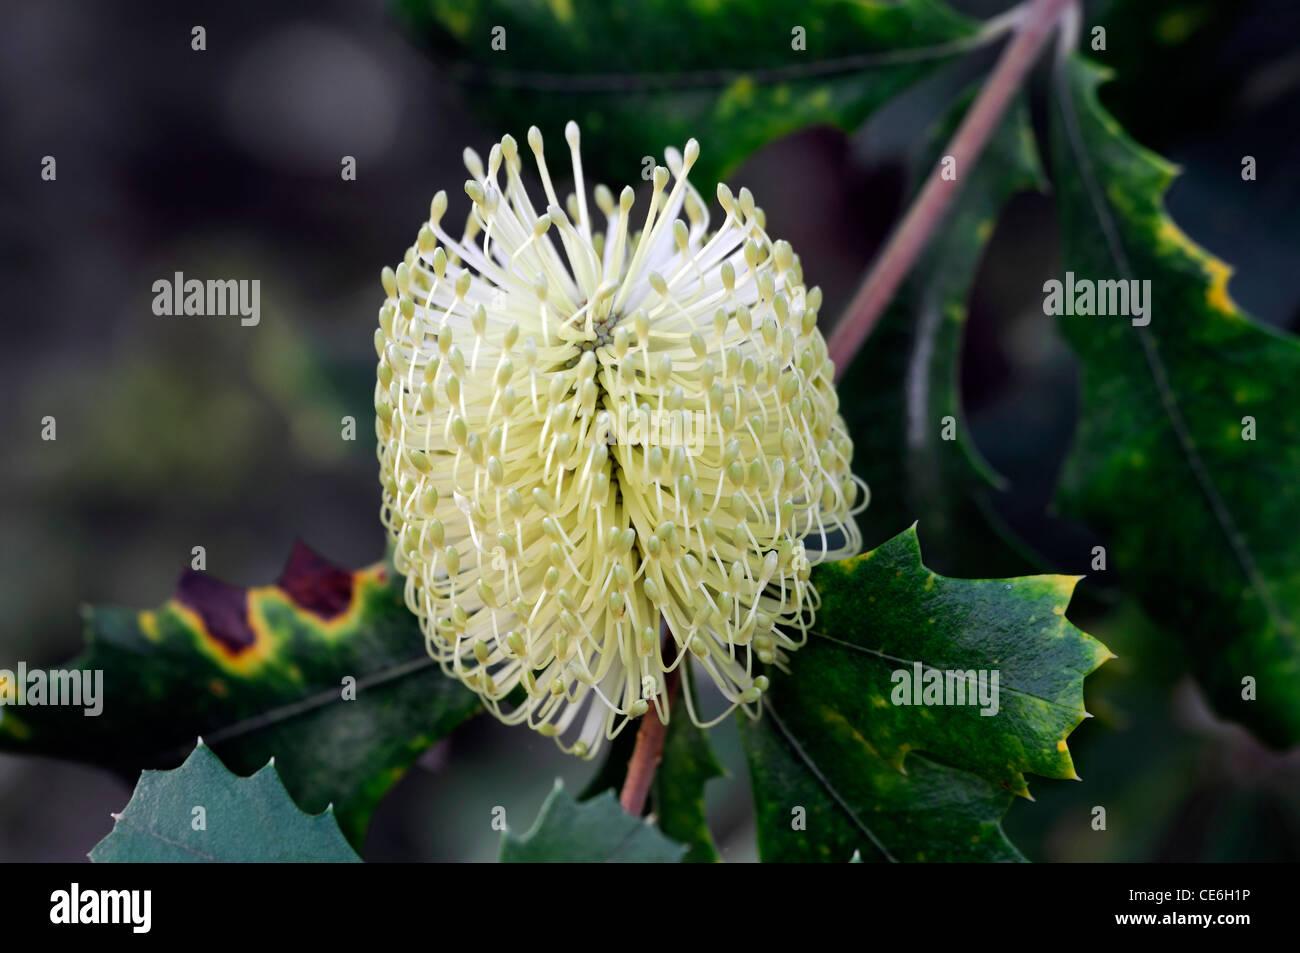 Banksia Integrifolia white flower bloom blossom tree dark green leaves Beach Coast Banksia white bottlebrush - Stock Image